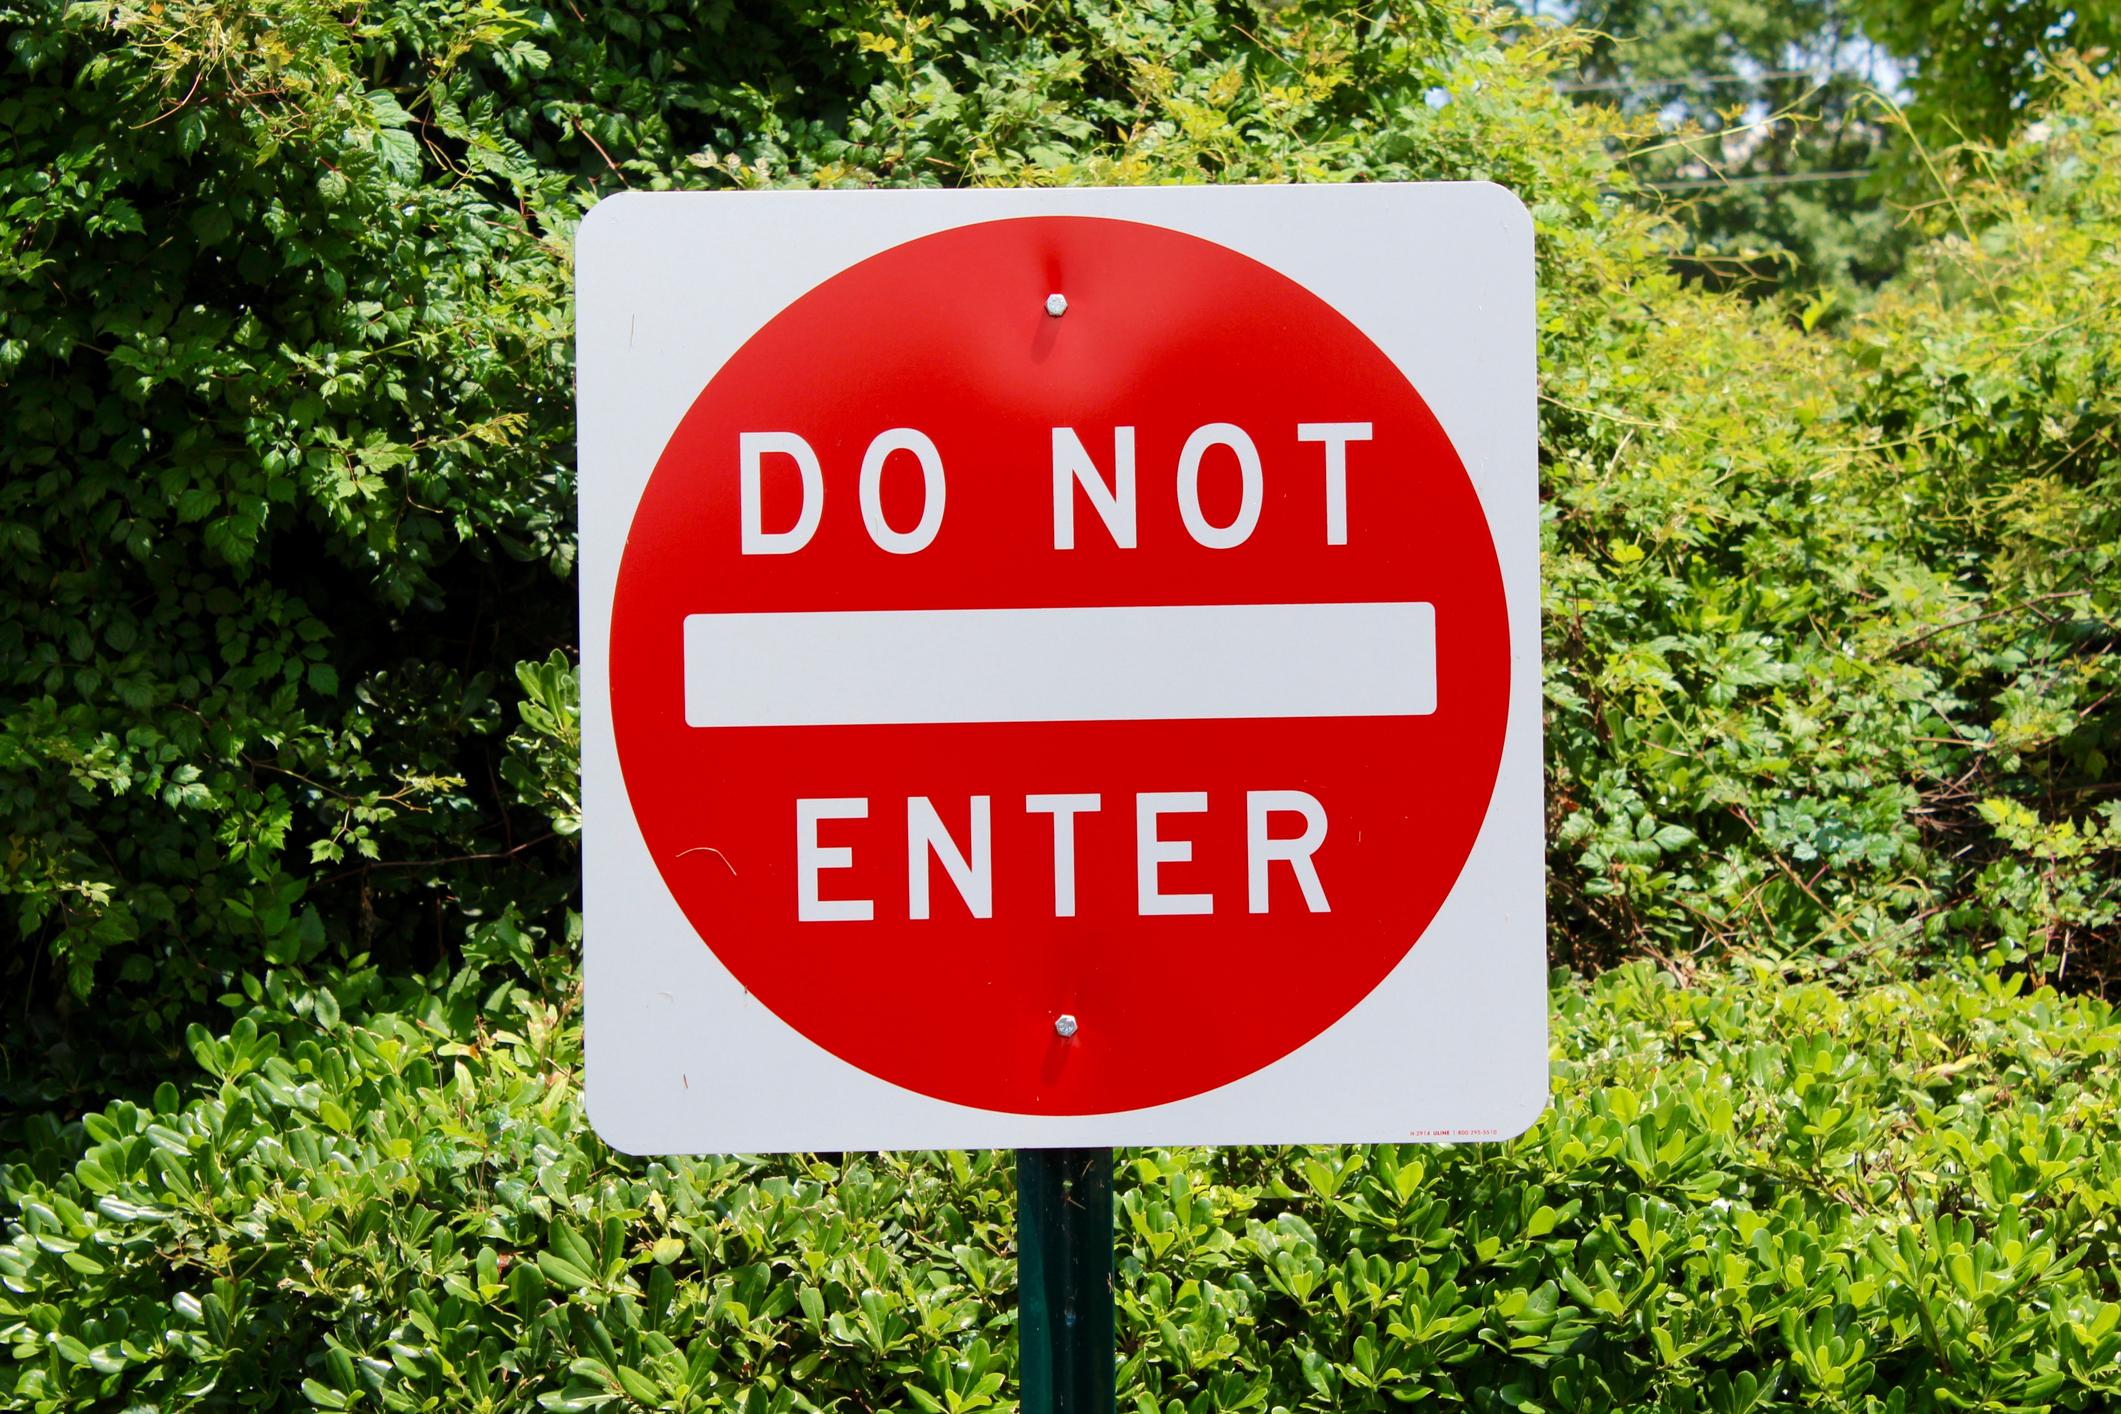 A do not enter sign.